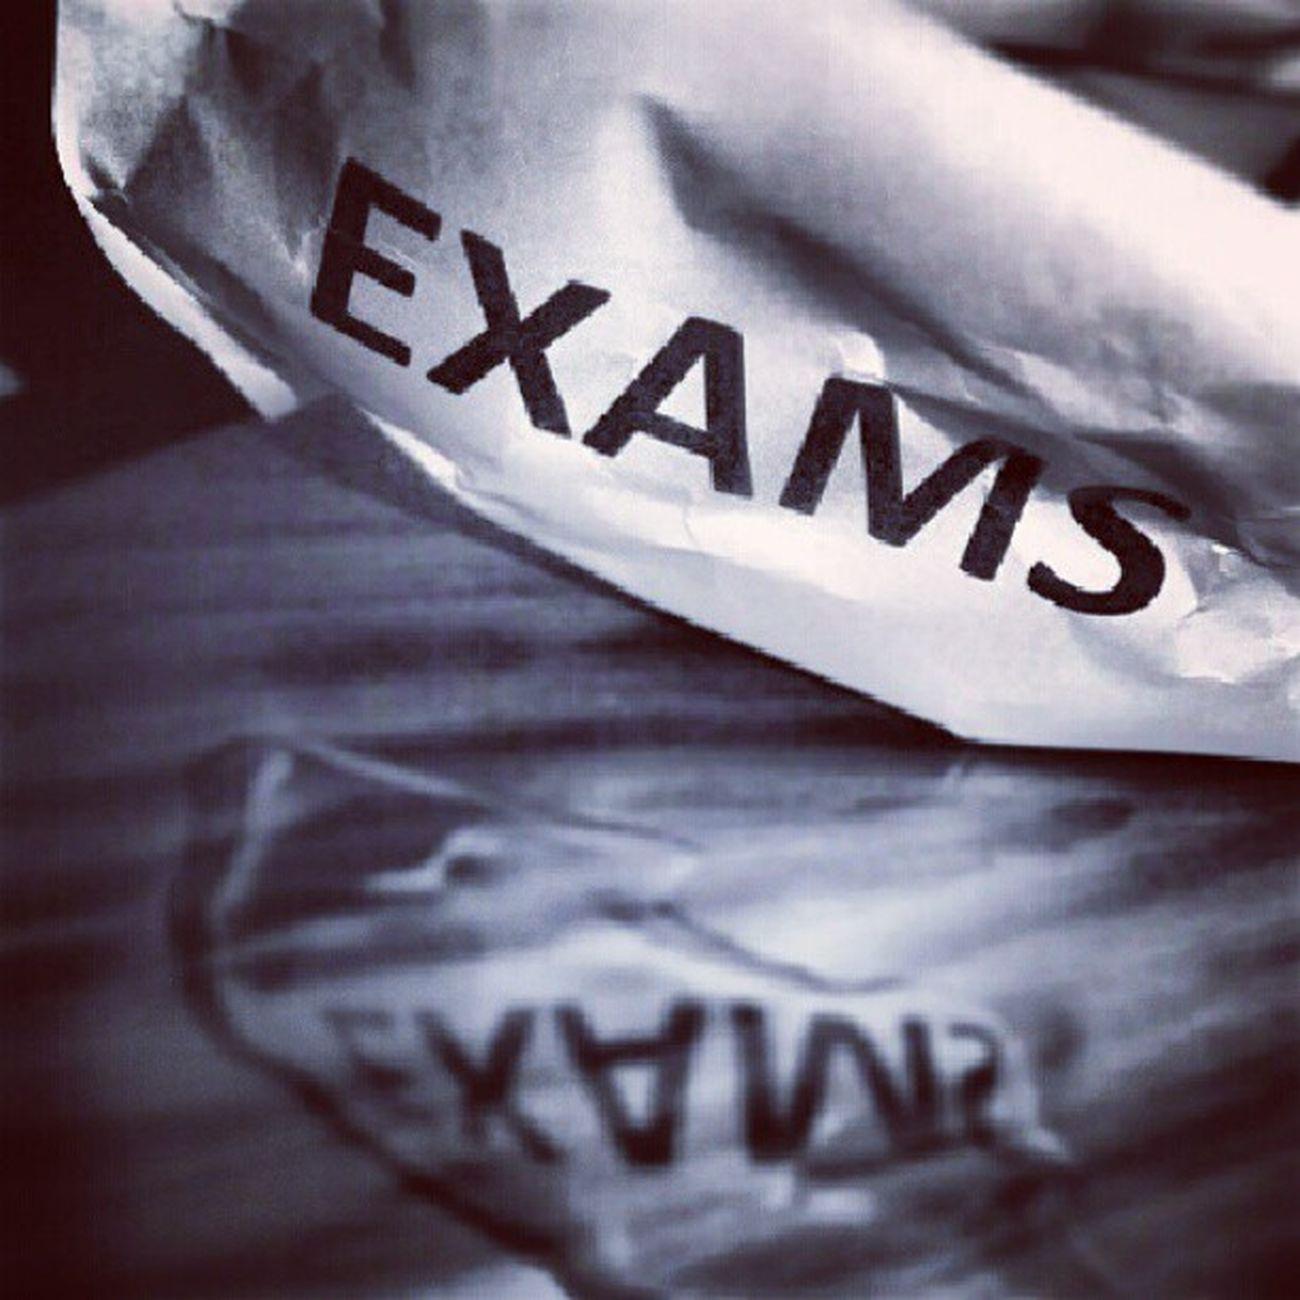 Exams :/